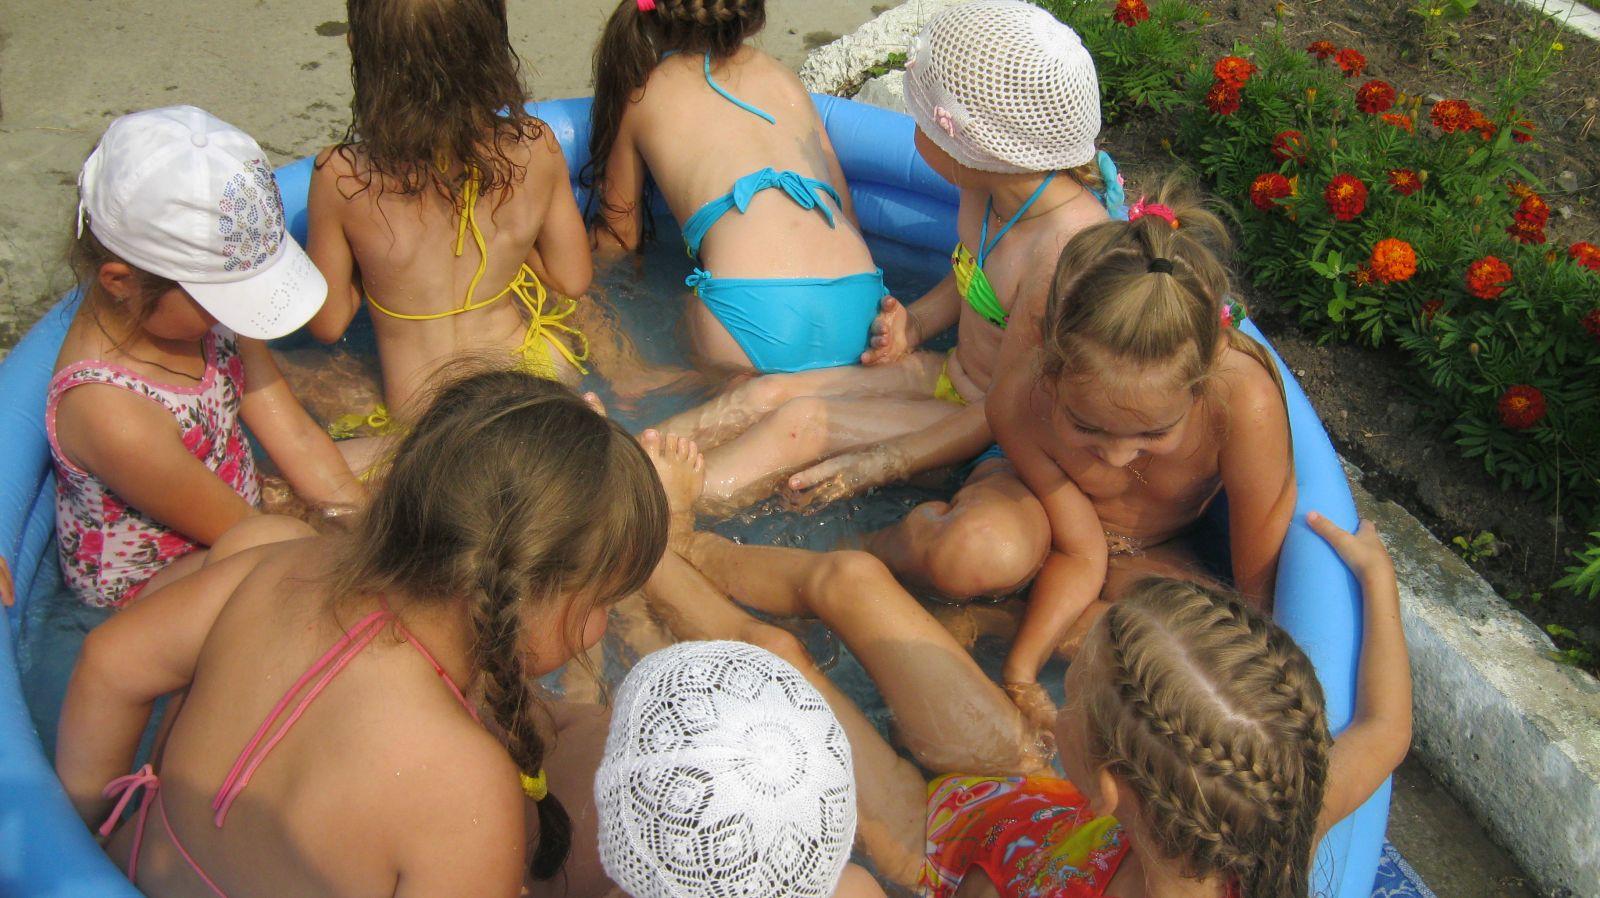 Конкурс детей нудистов. фото